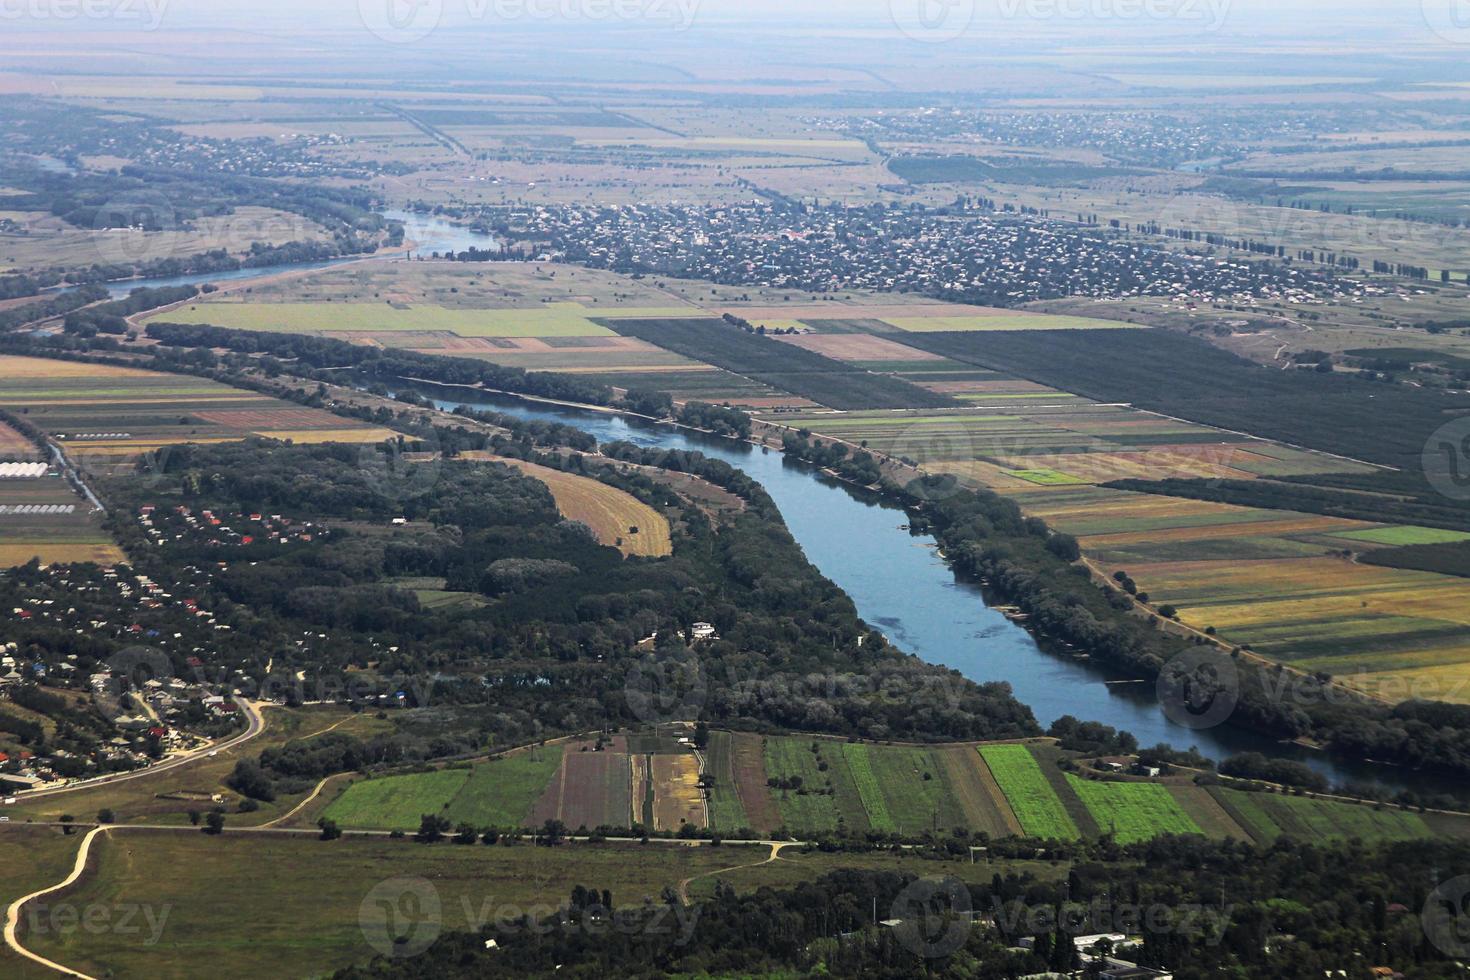 Luftaufnahme des ländlichen Gebiets und des Flusses foto